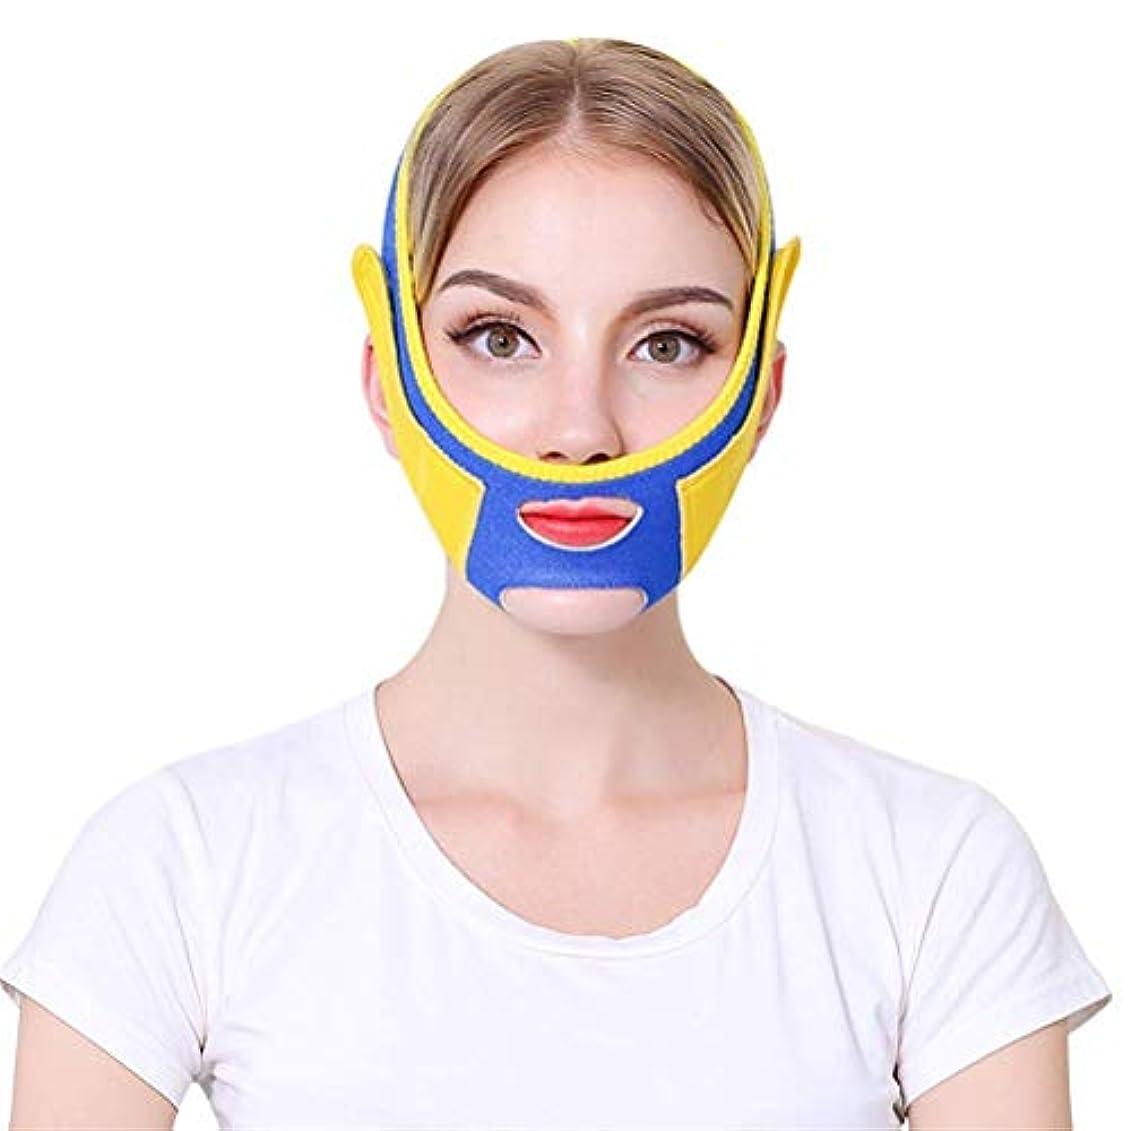 大混乱特権クローゼットWSJTT 女性のための顔のリフティングベルト、Vラインチンチークリフトアップバンドアンチリンクル包帯、フェイスリフティング/痩身/マスク包帯/スリープシンフェイス/マスクスリミング (Color : Blue)